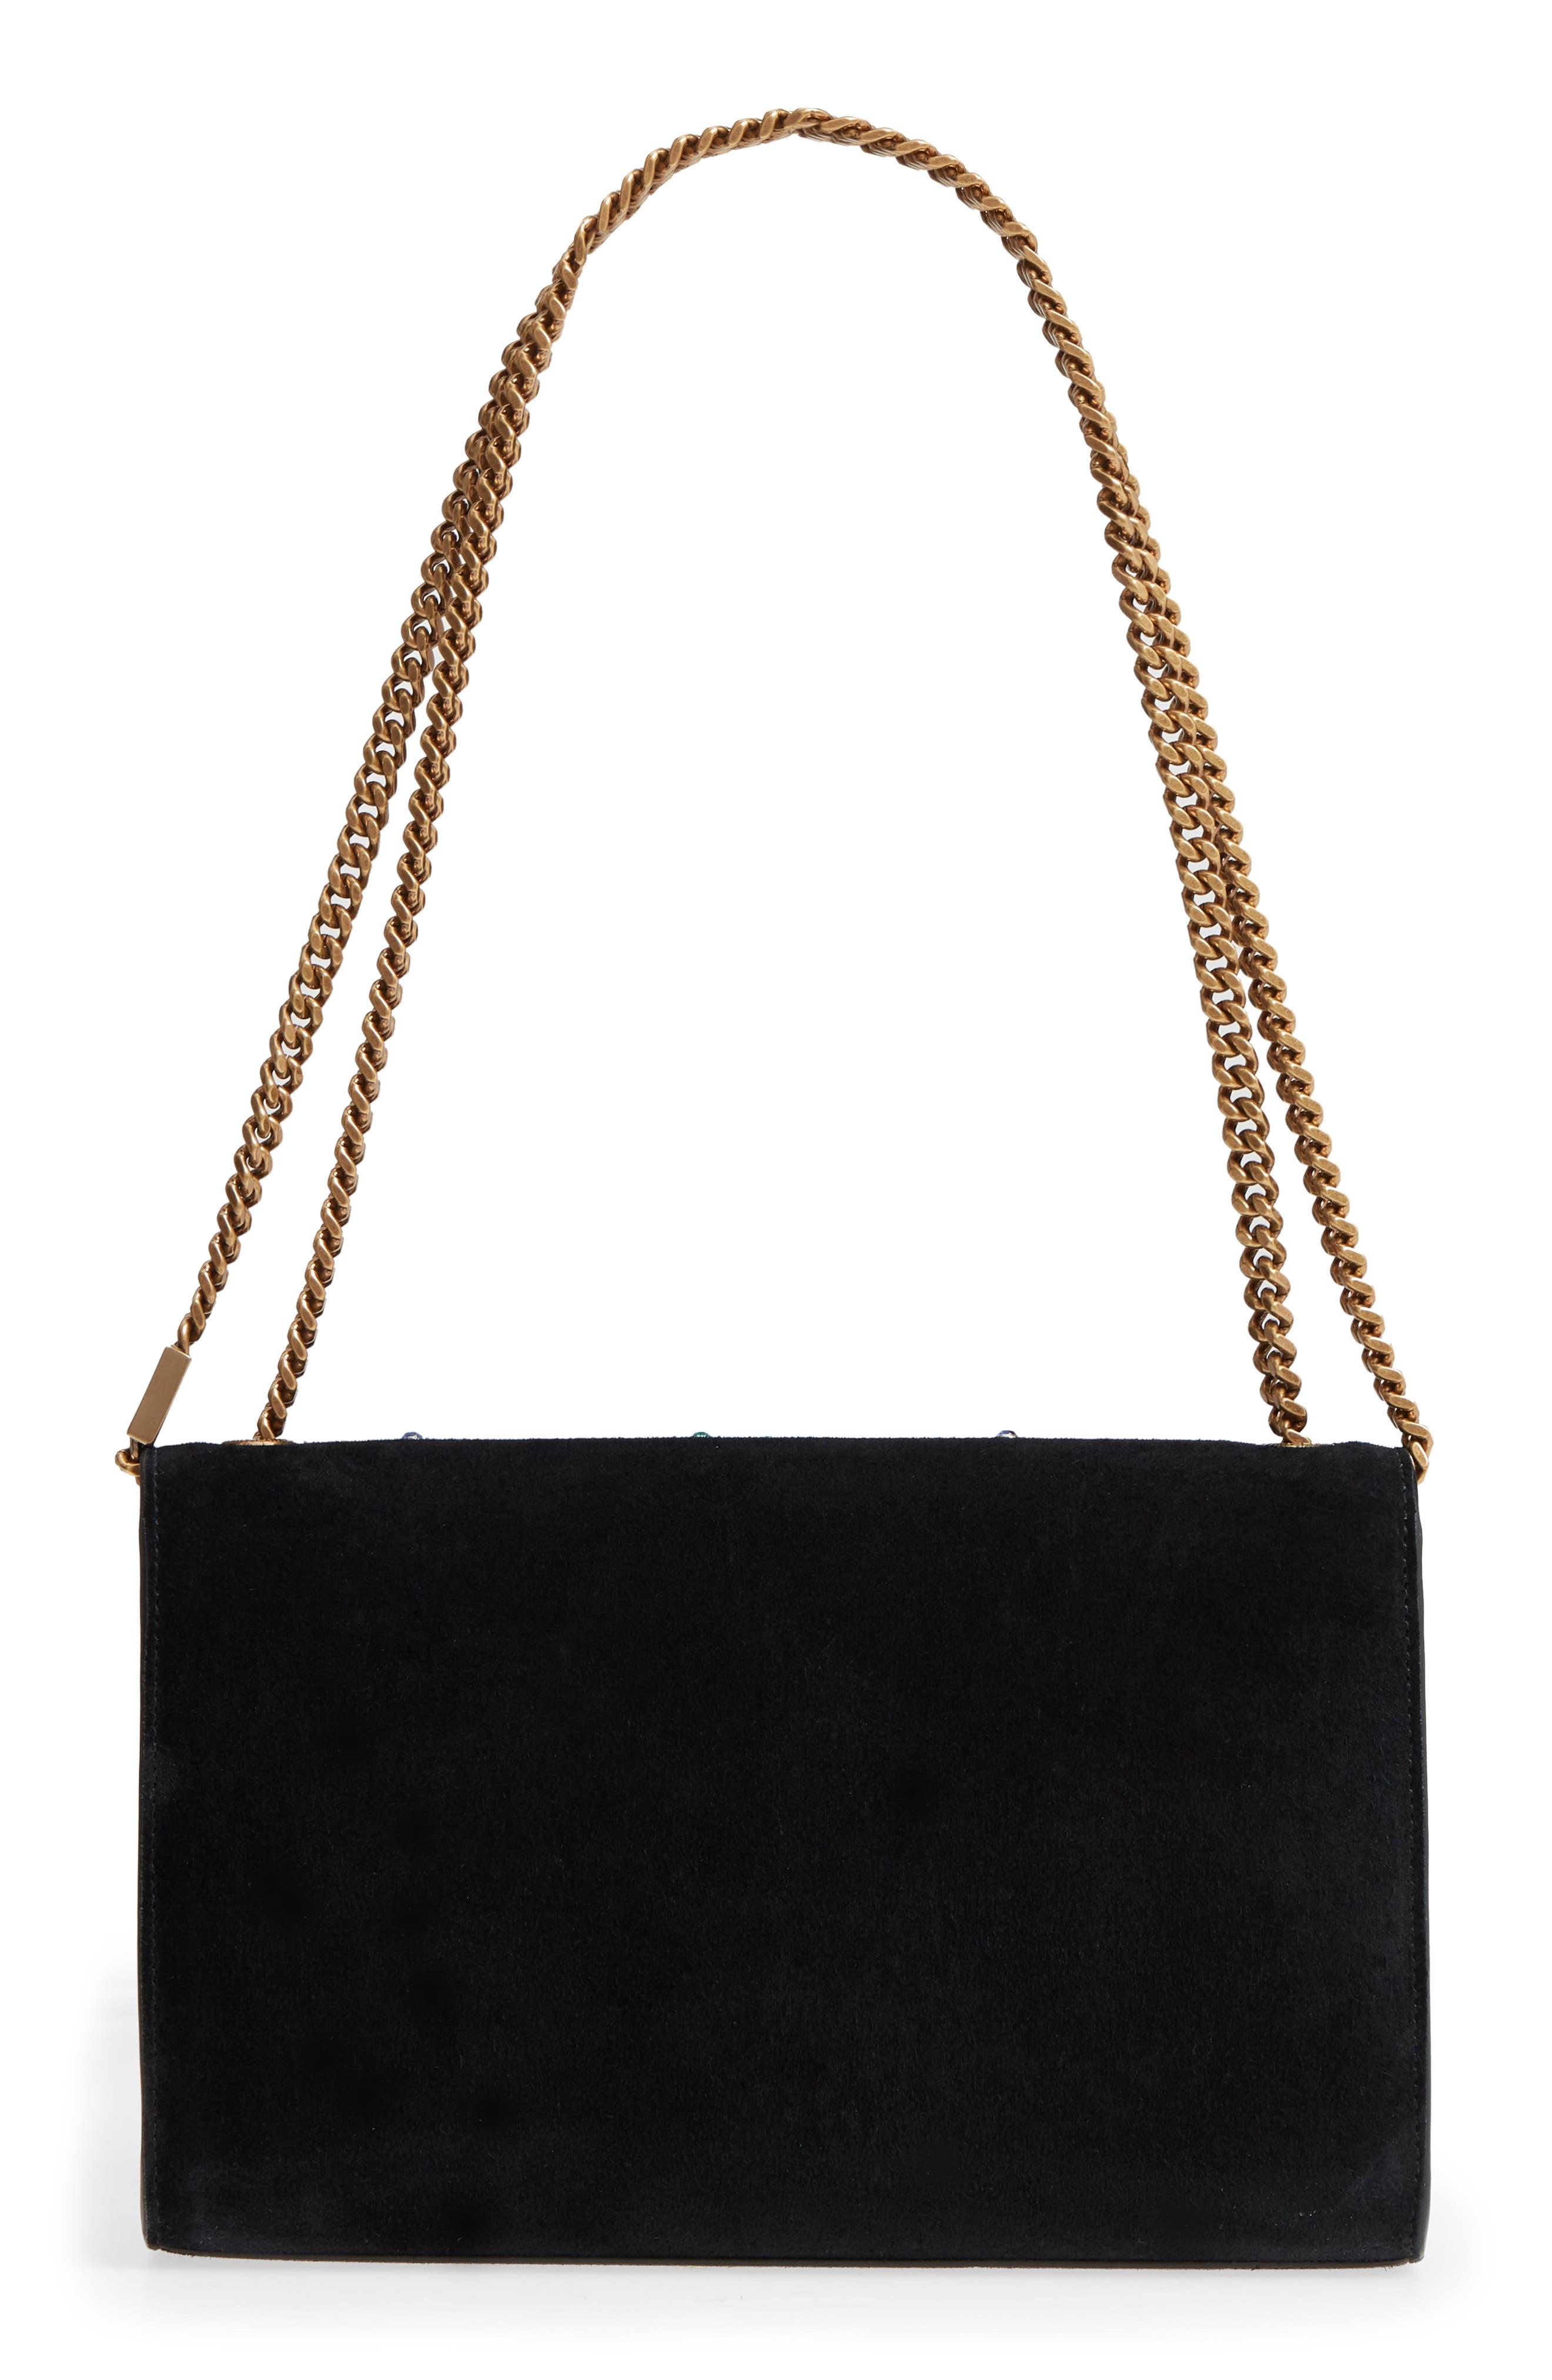 Medium Kate Embellished Suede Shoulder Bag,                             Alternate thumbnail 3, color,                             1077 MULTI